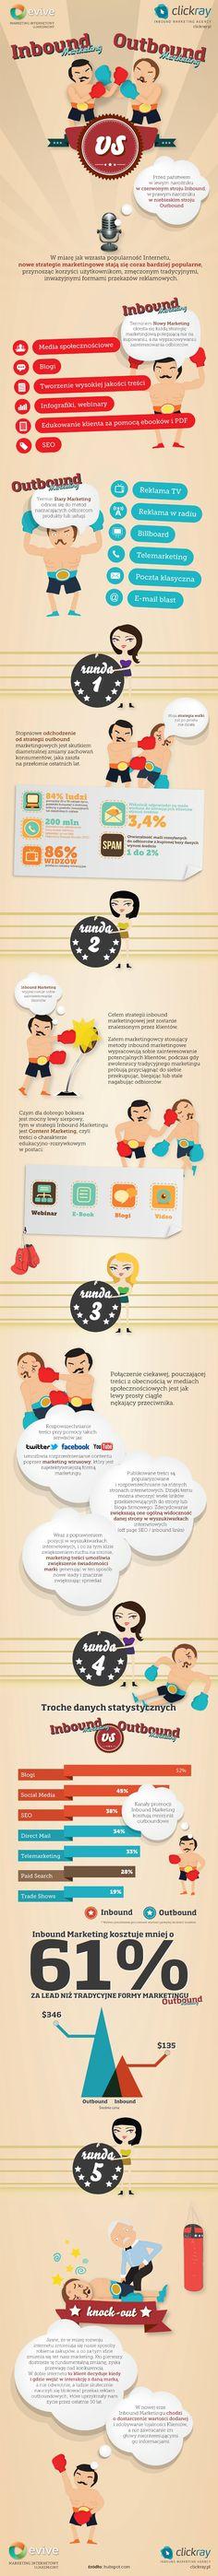 Ikonografika: Inbound marketing versus Outbound marketing